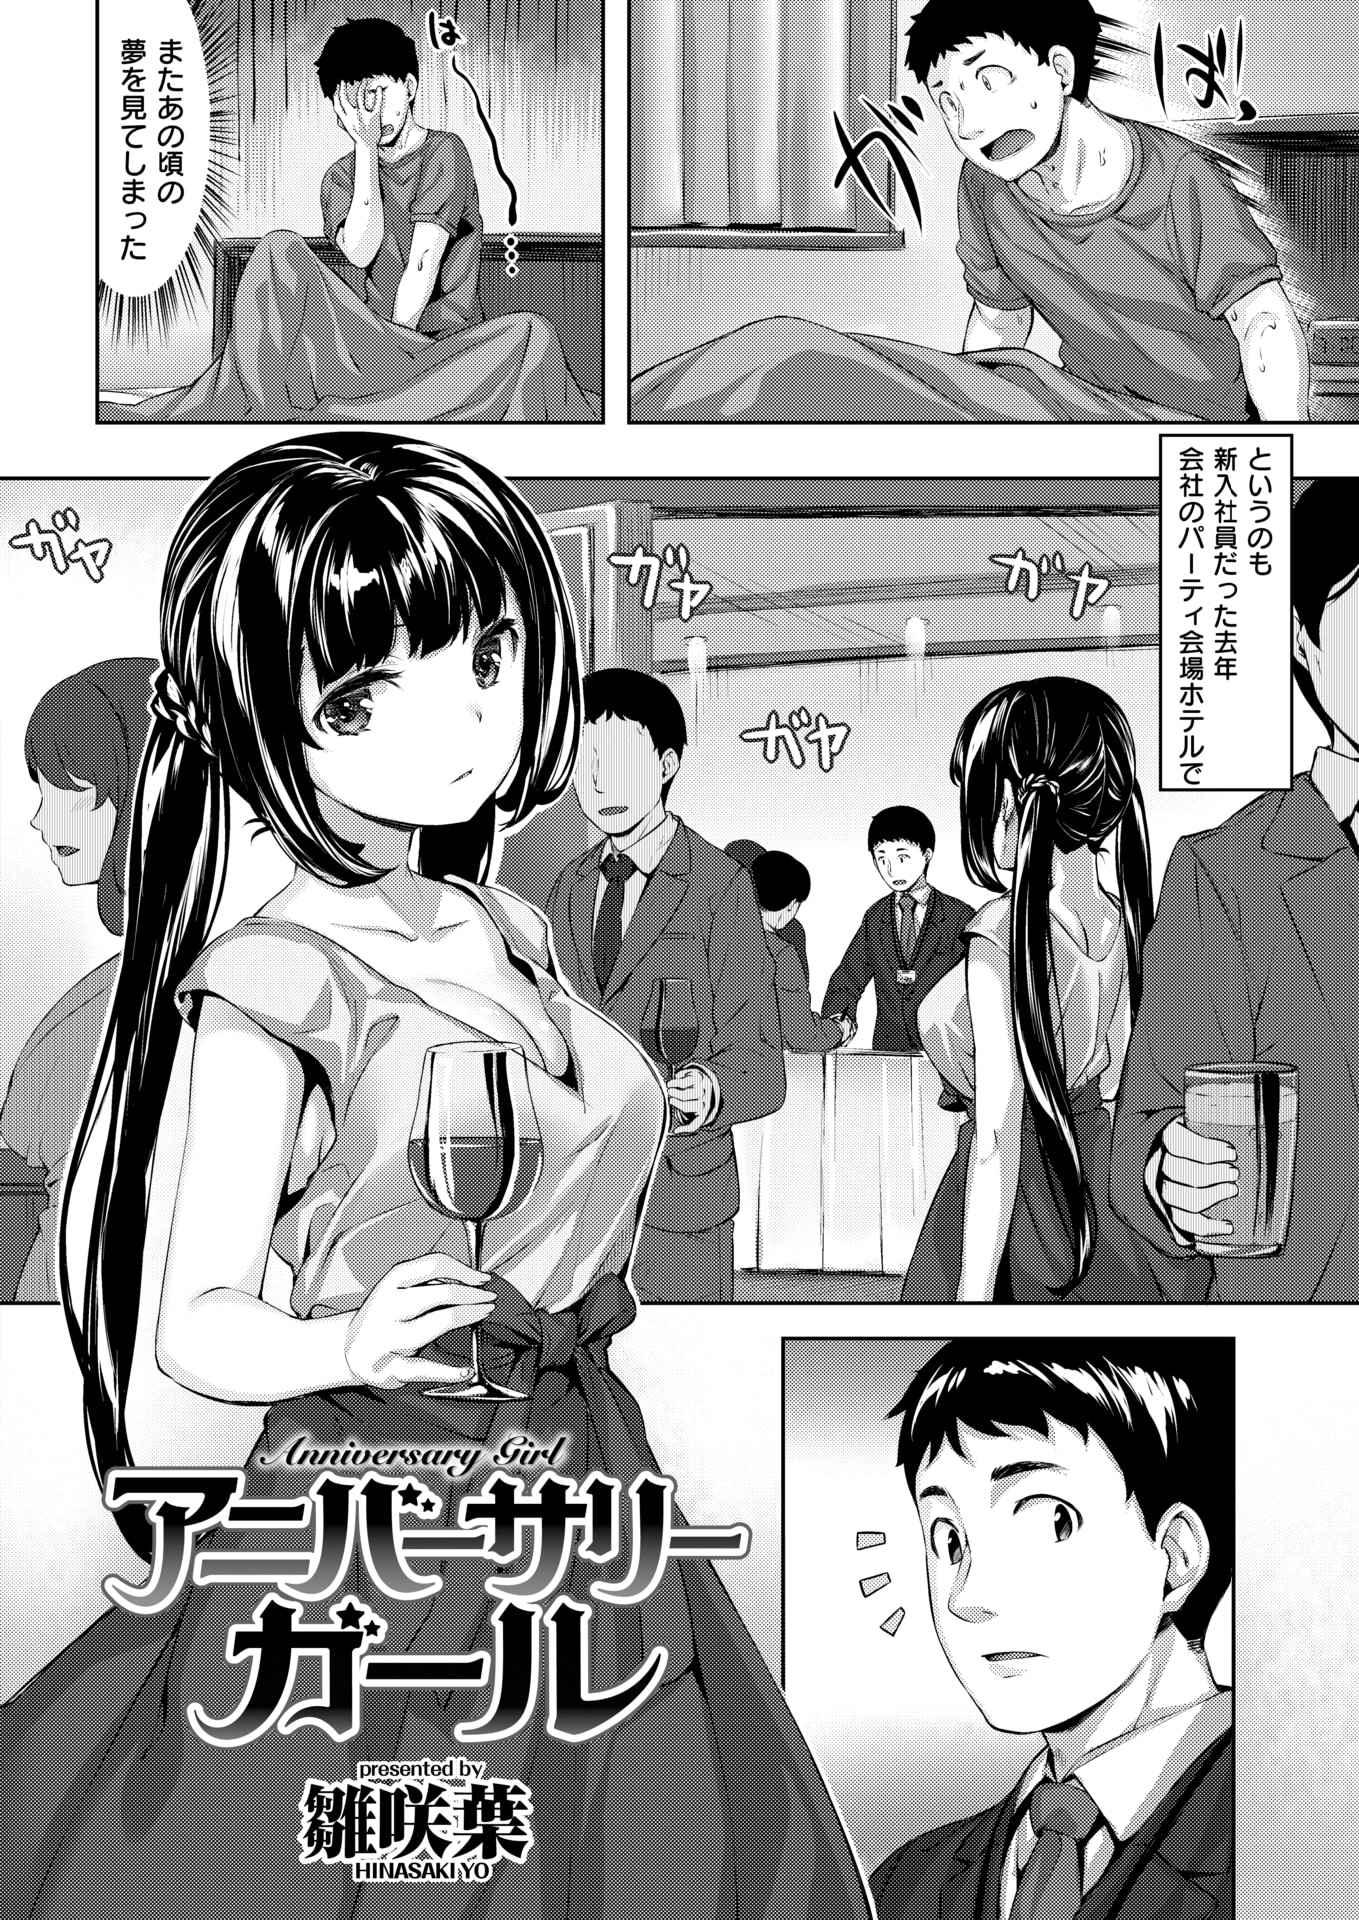 【エロ漫画】男の様にお転婆だったイジメっ子が社長令嬢の美しいお嬢様に成長して泣かしてた少年と再会して恋に落ちる!